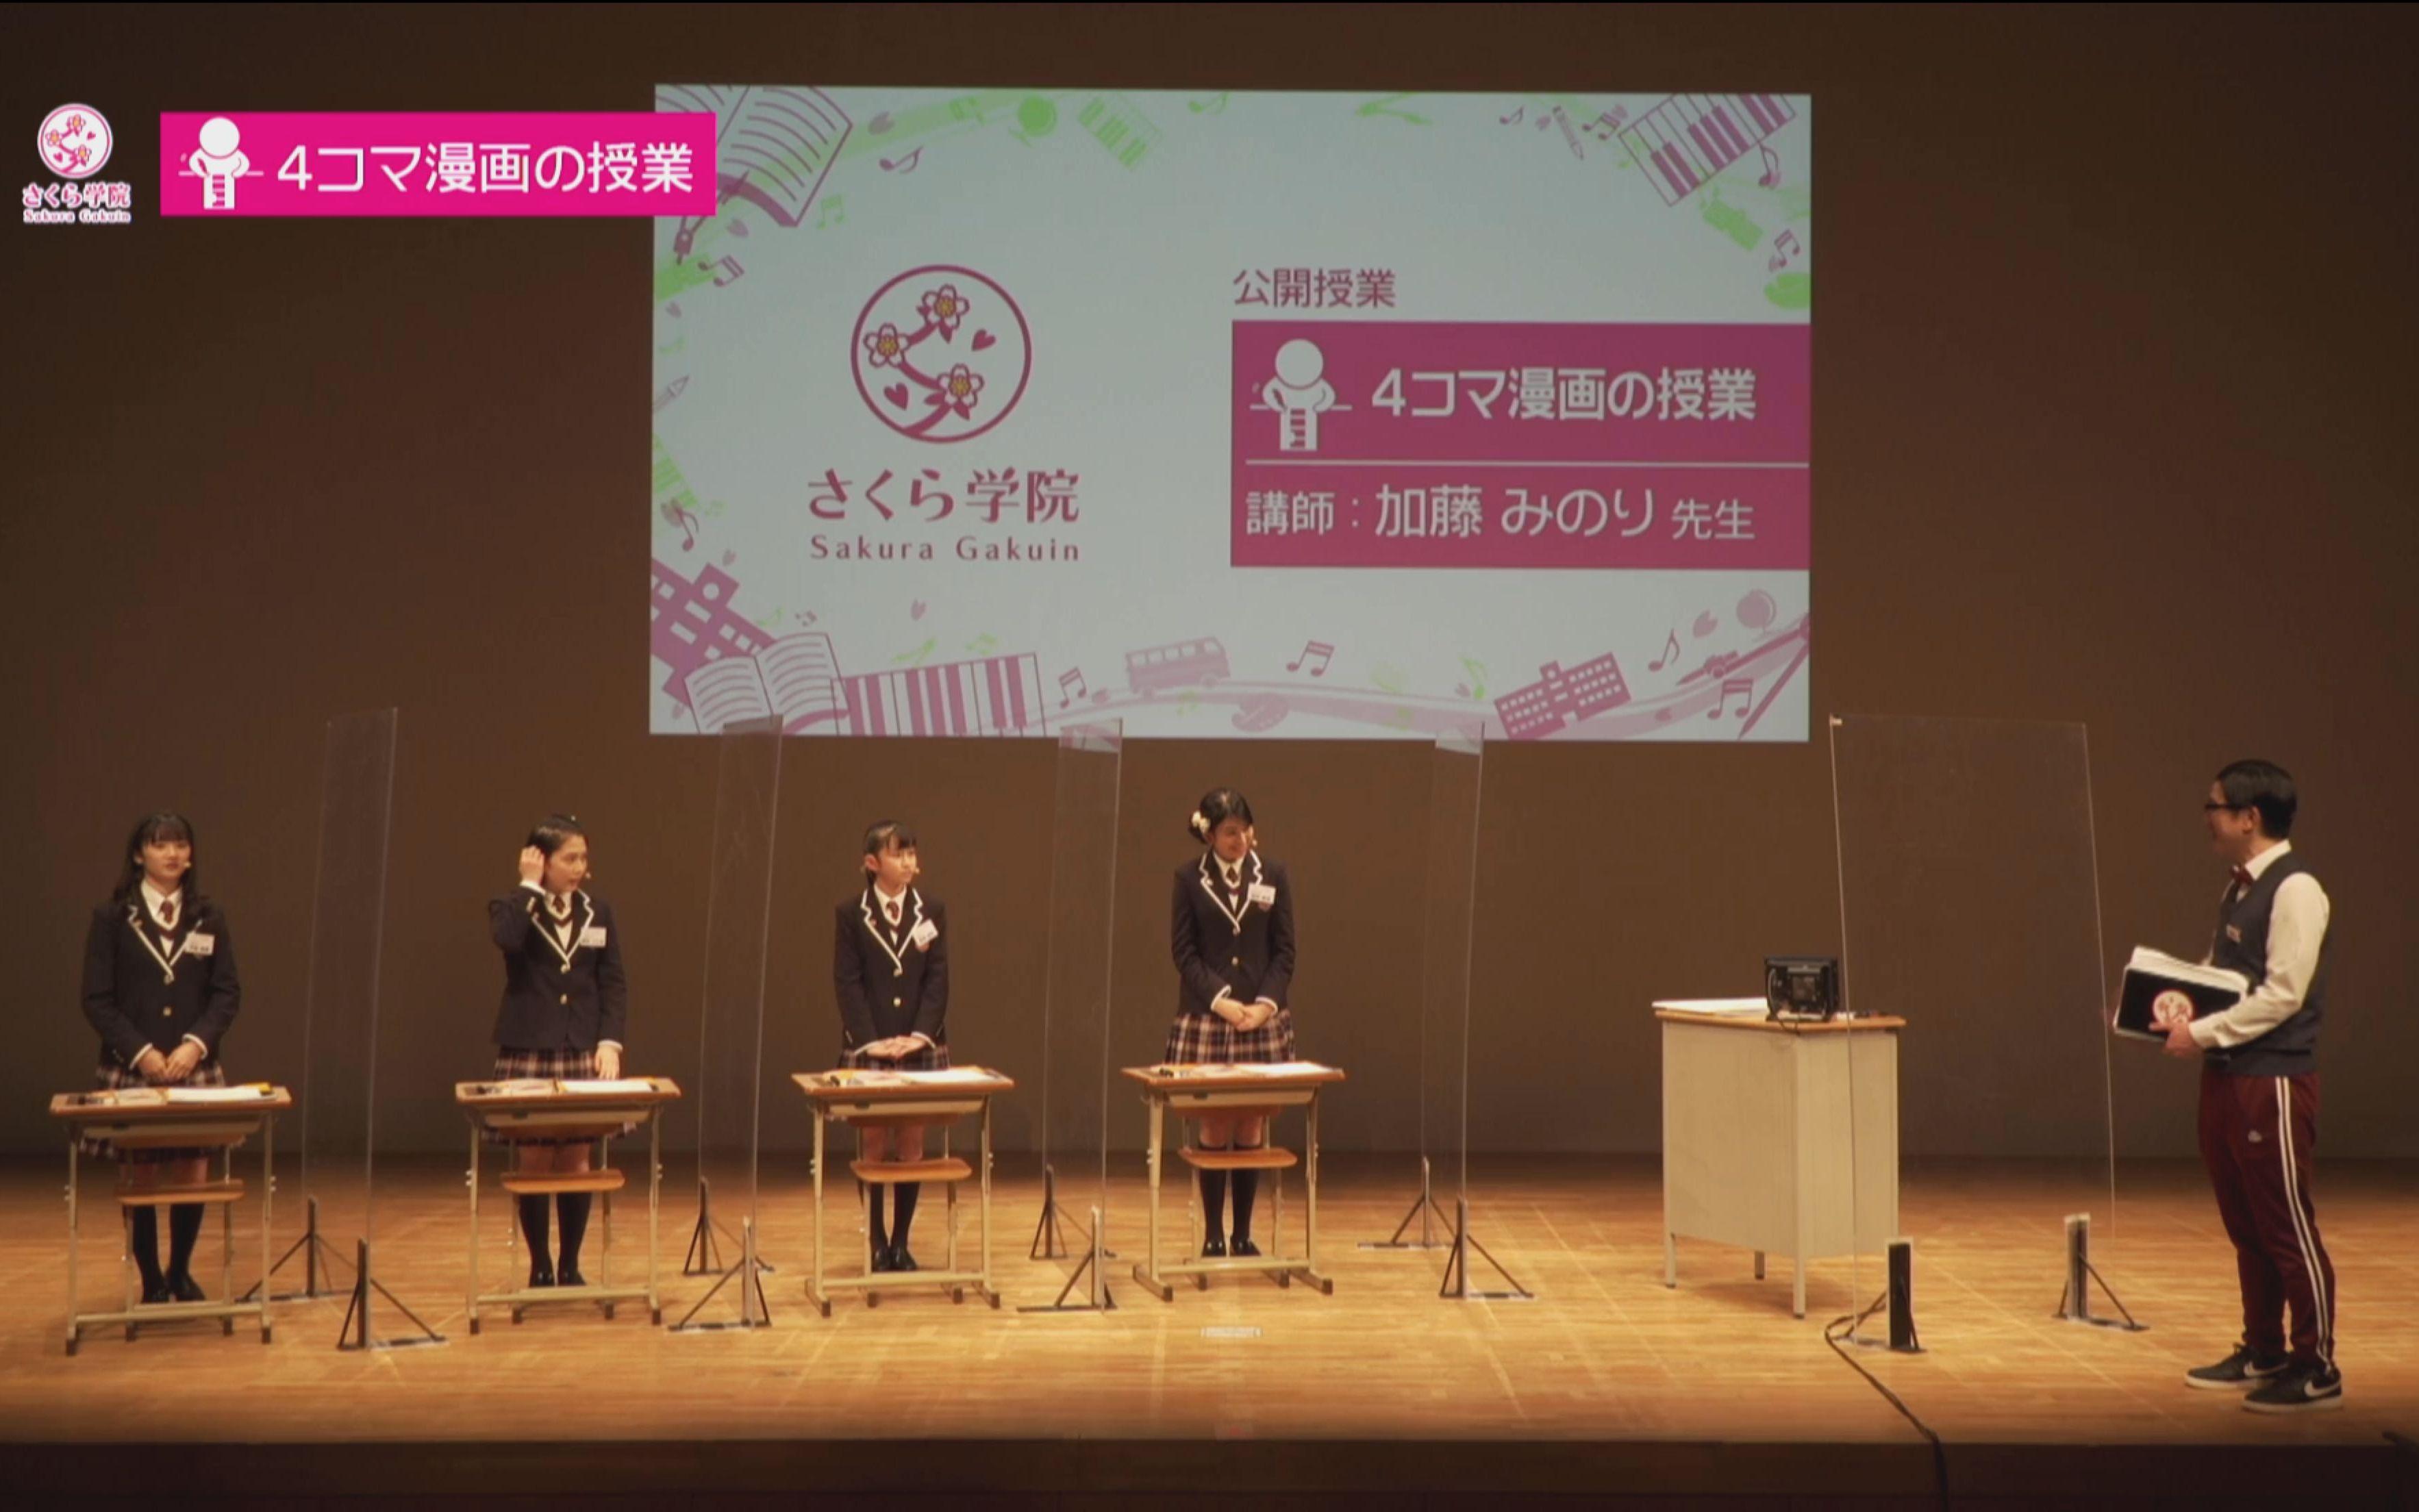 さくら学院 公開授業「4コマ漫画の授業」3時限目 Manga3